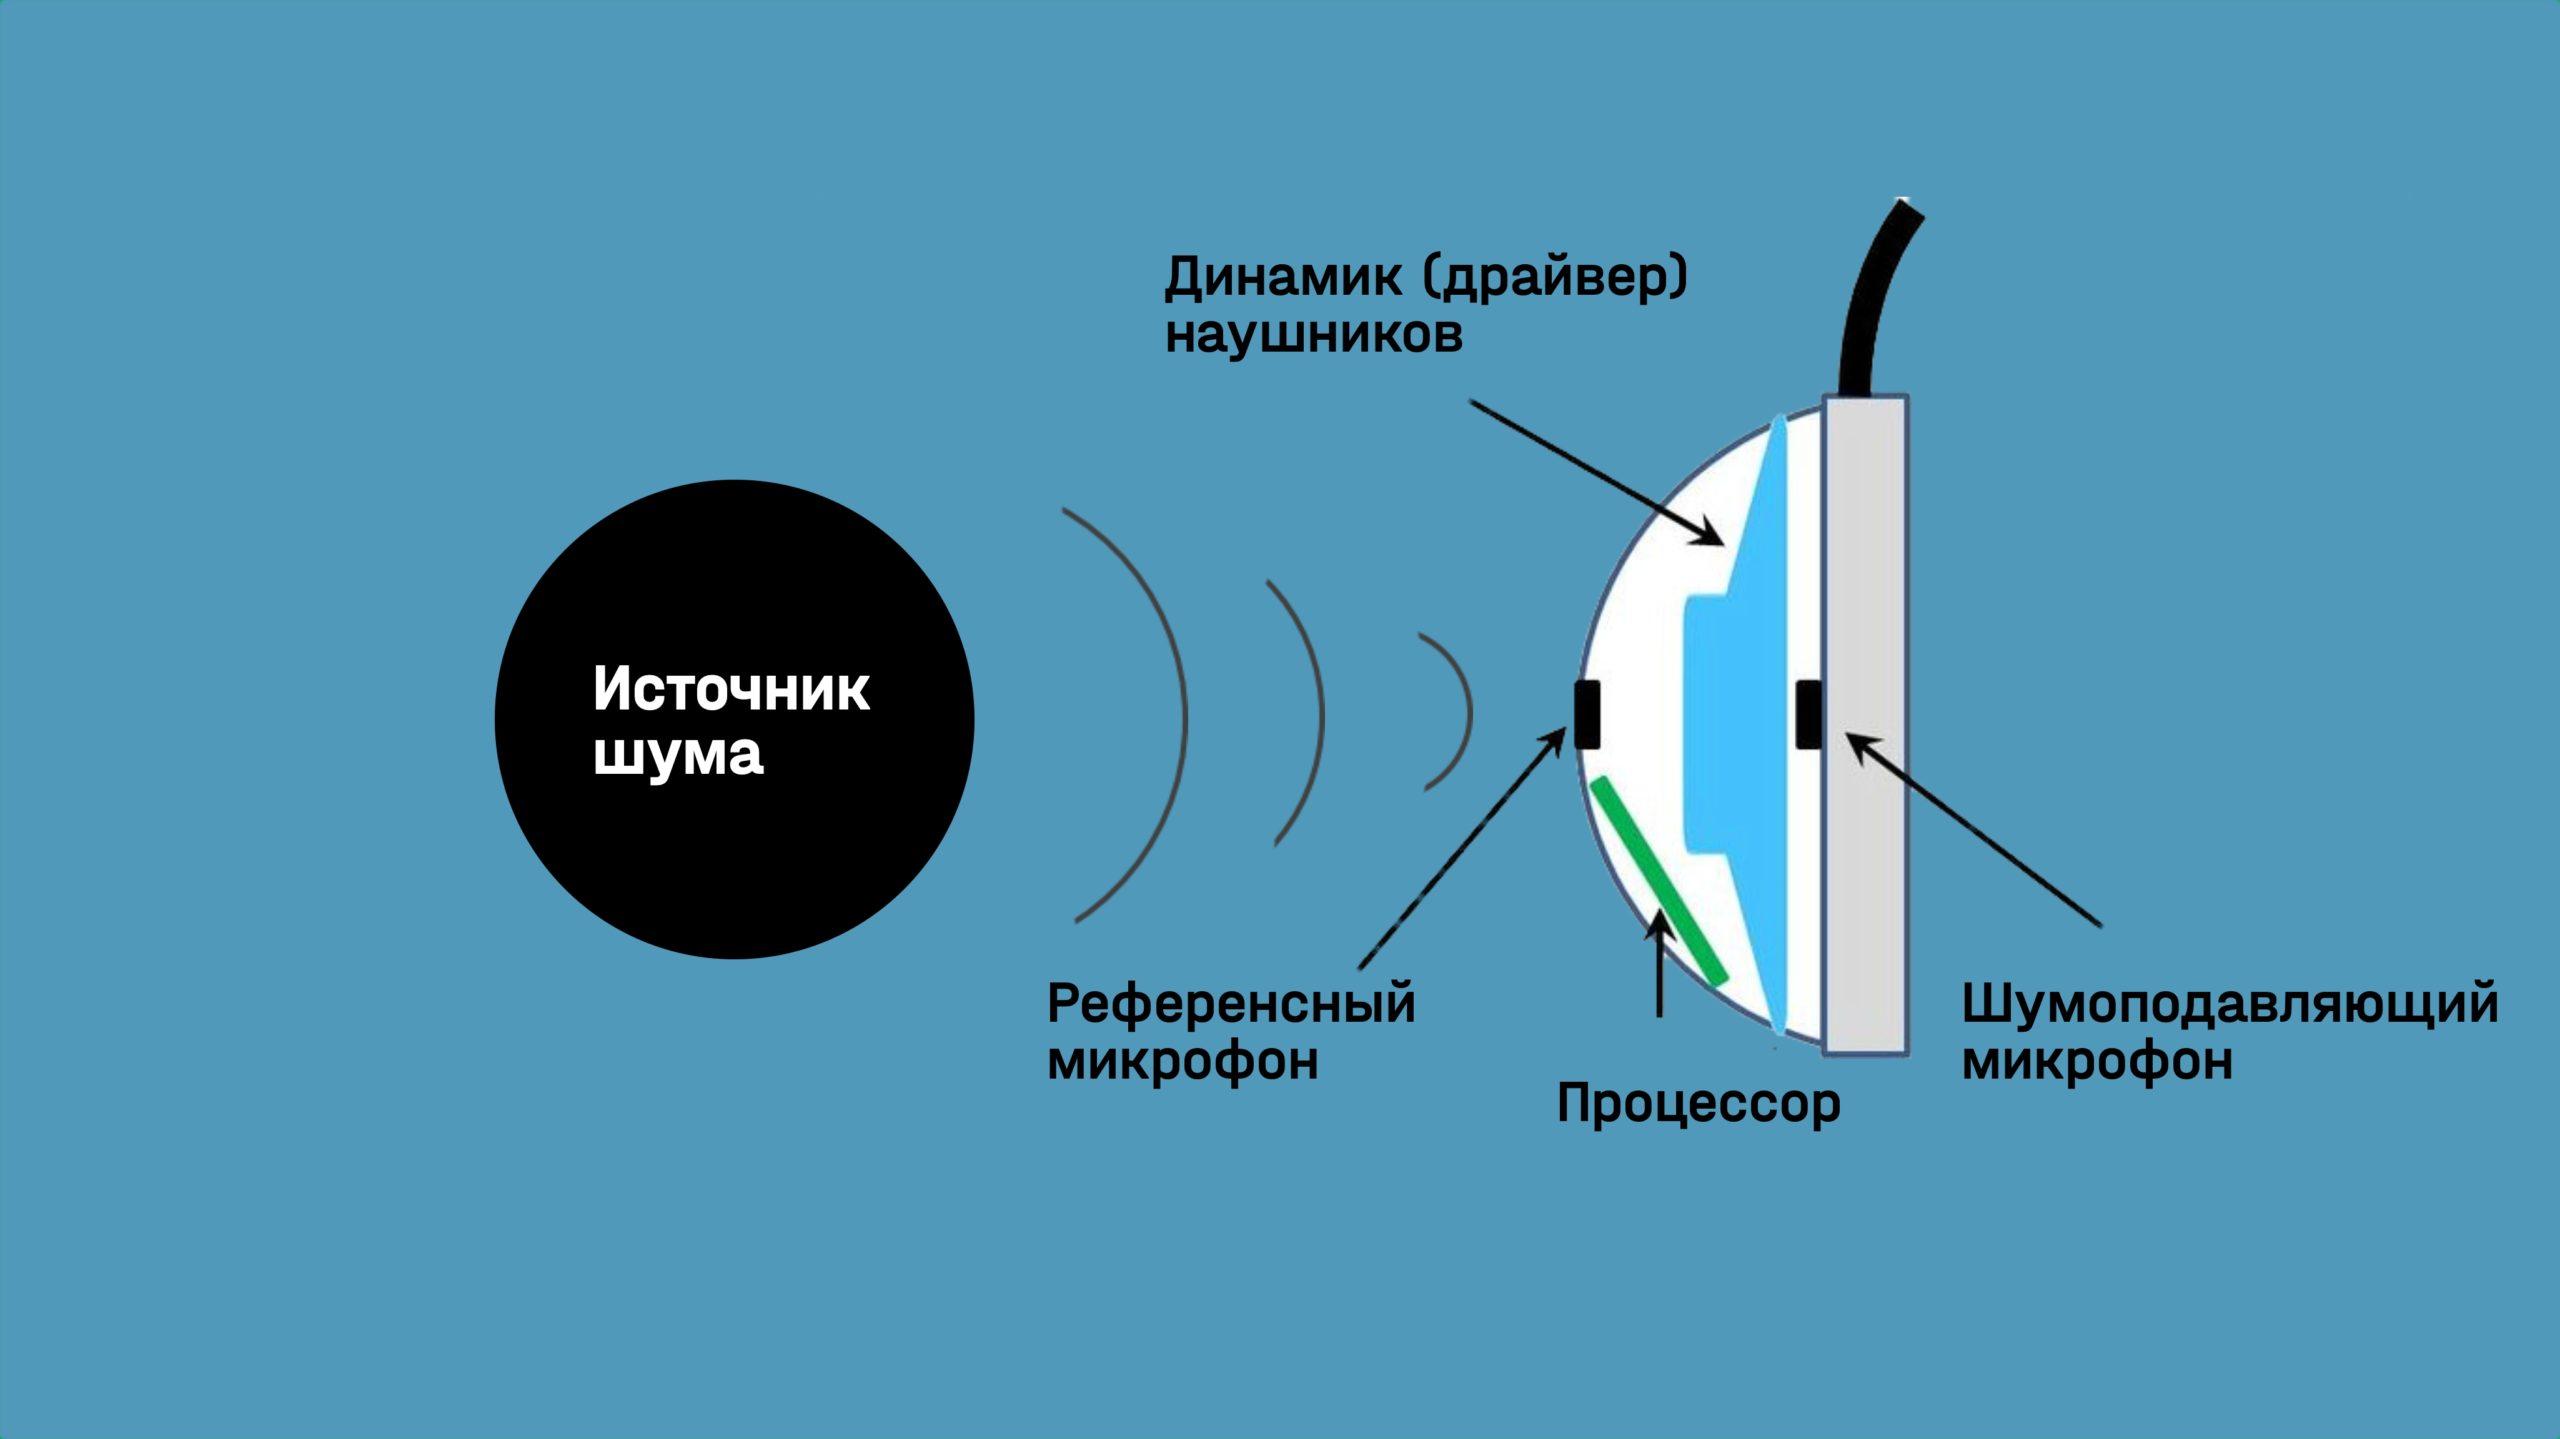 Как работают наушники с шумоподавлением